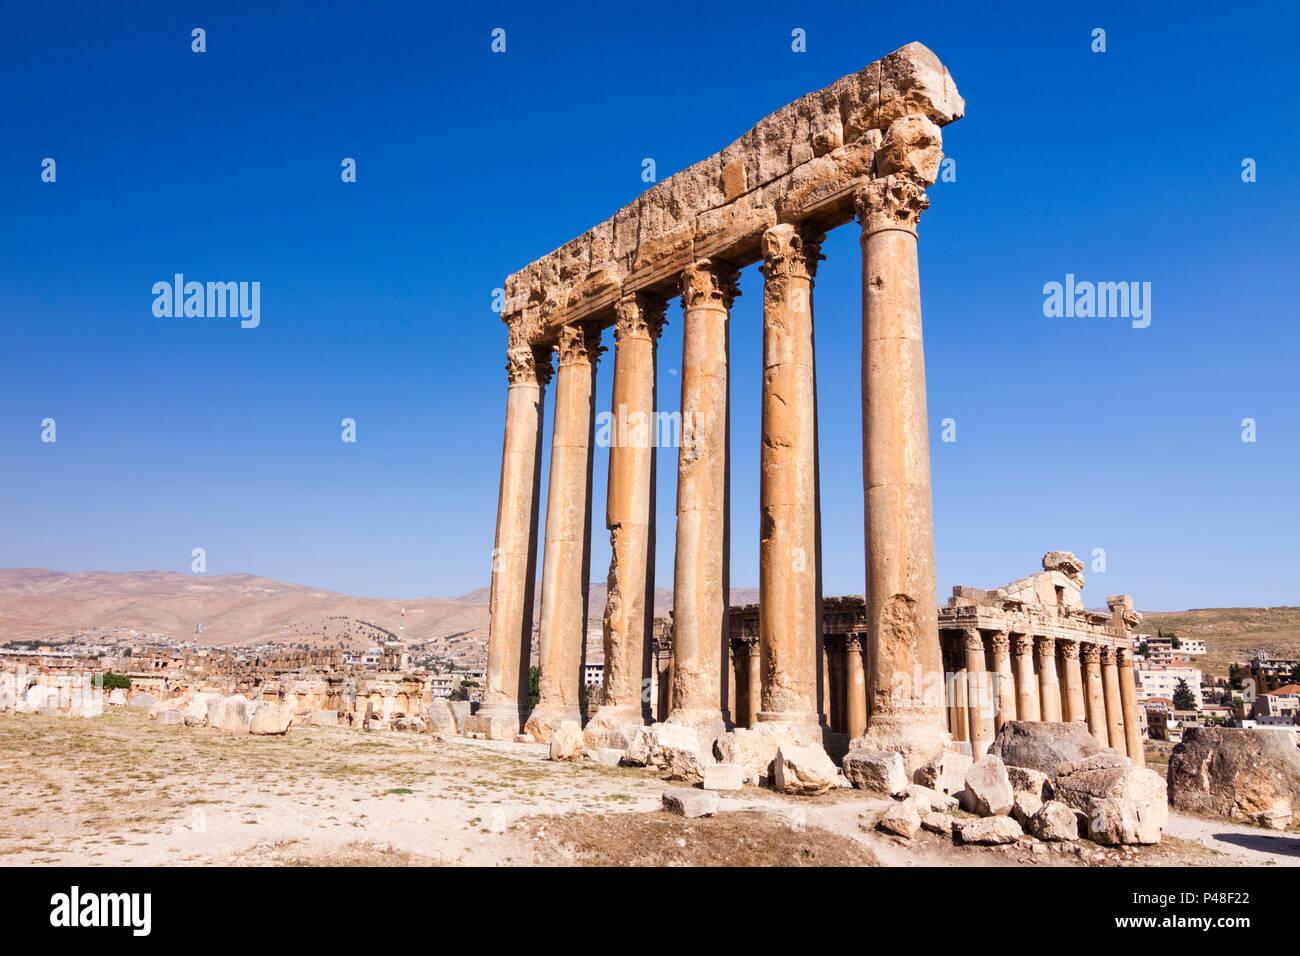 Baalbek, Liban: Patrimoine mondial de l'emplacement des ruines des temples de Jupiter et de Bacchus (AD 150 à 250 AD) à Baalbek Heliopolis romaine. Photo Stock